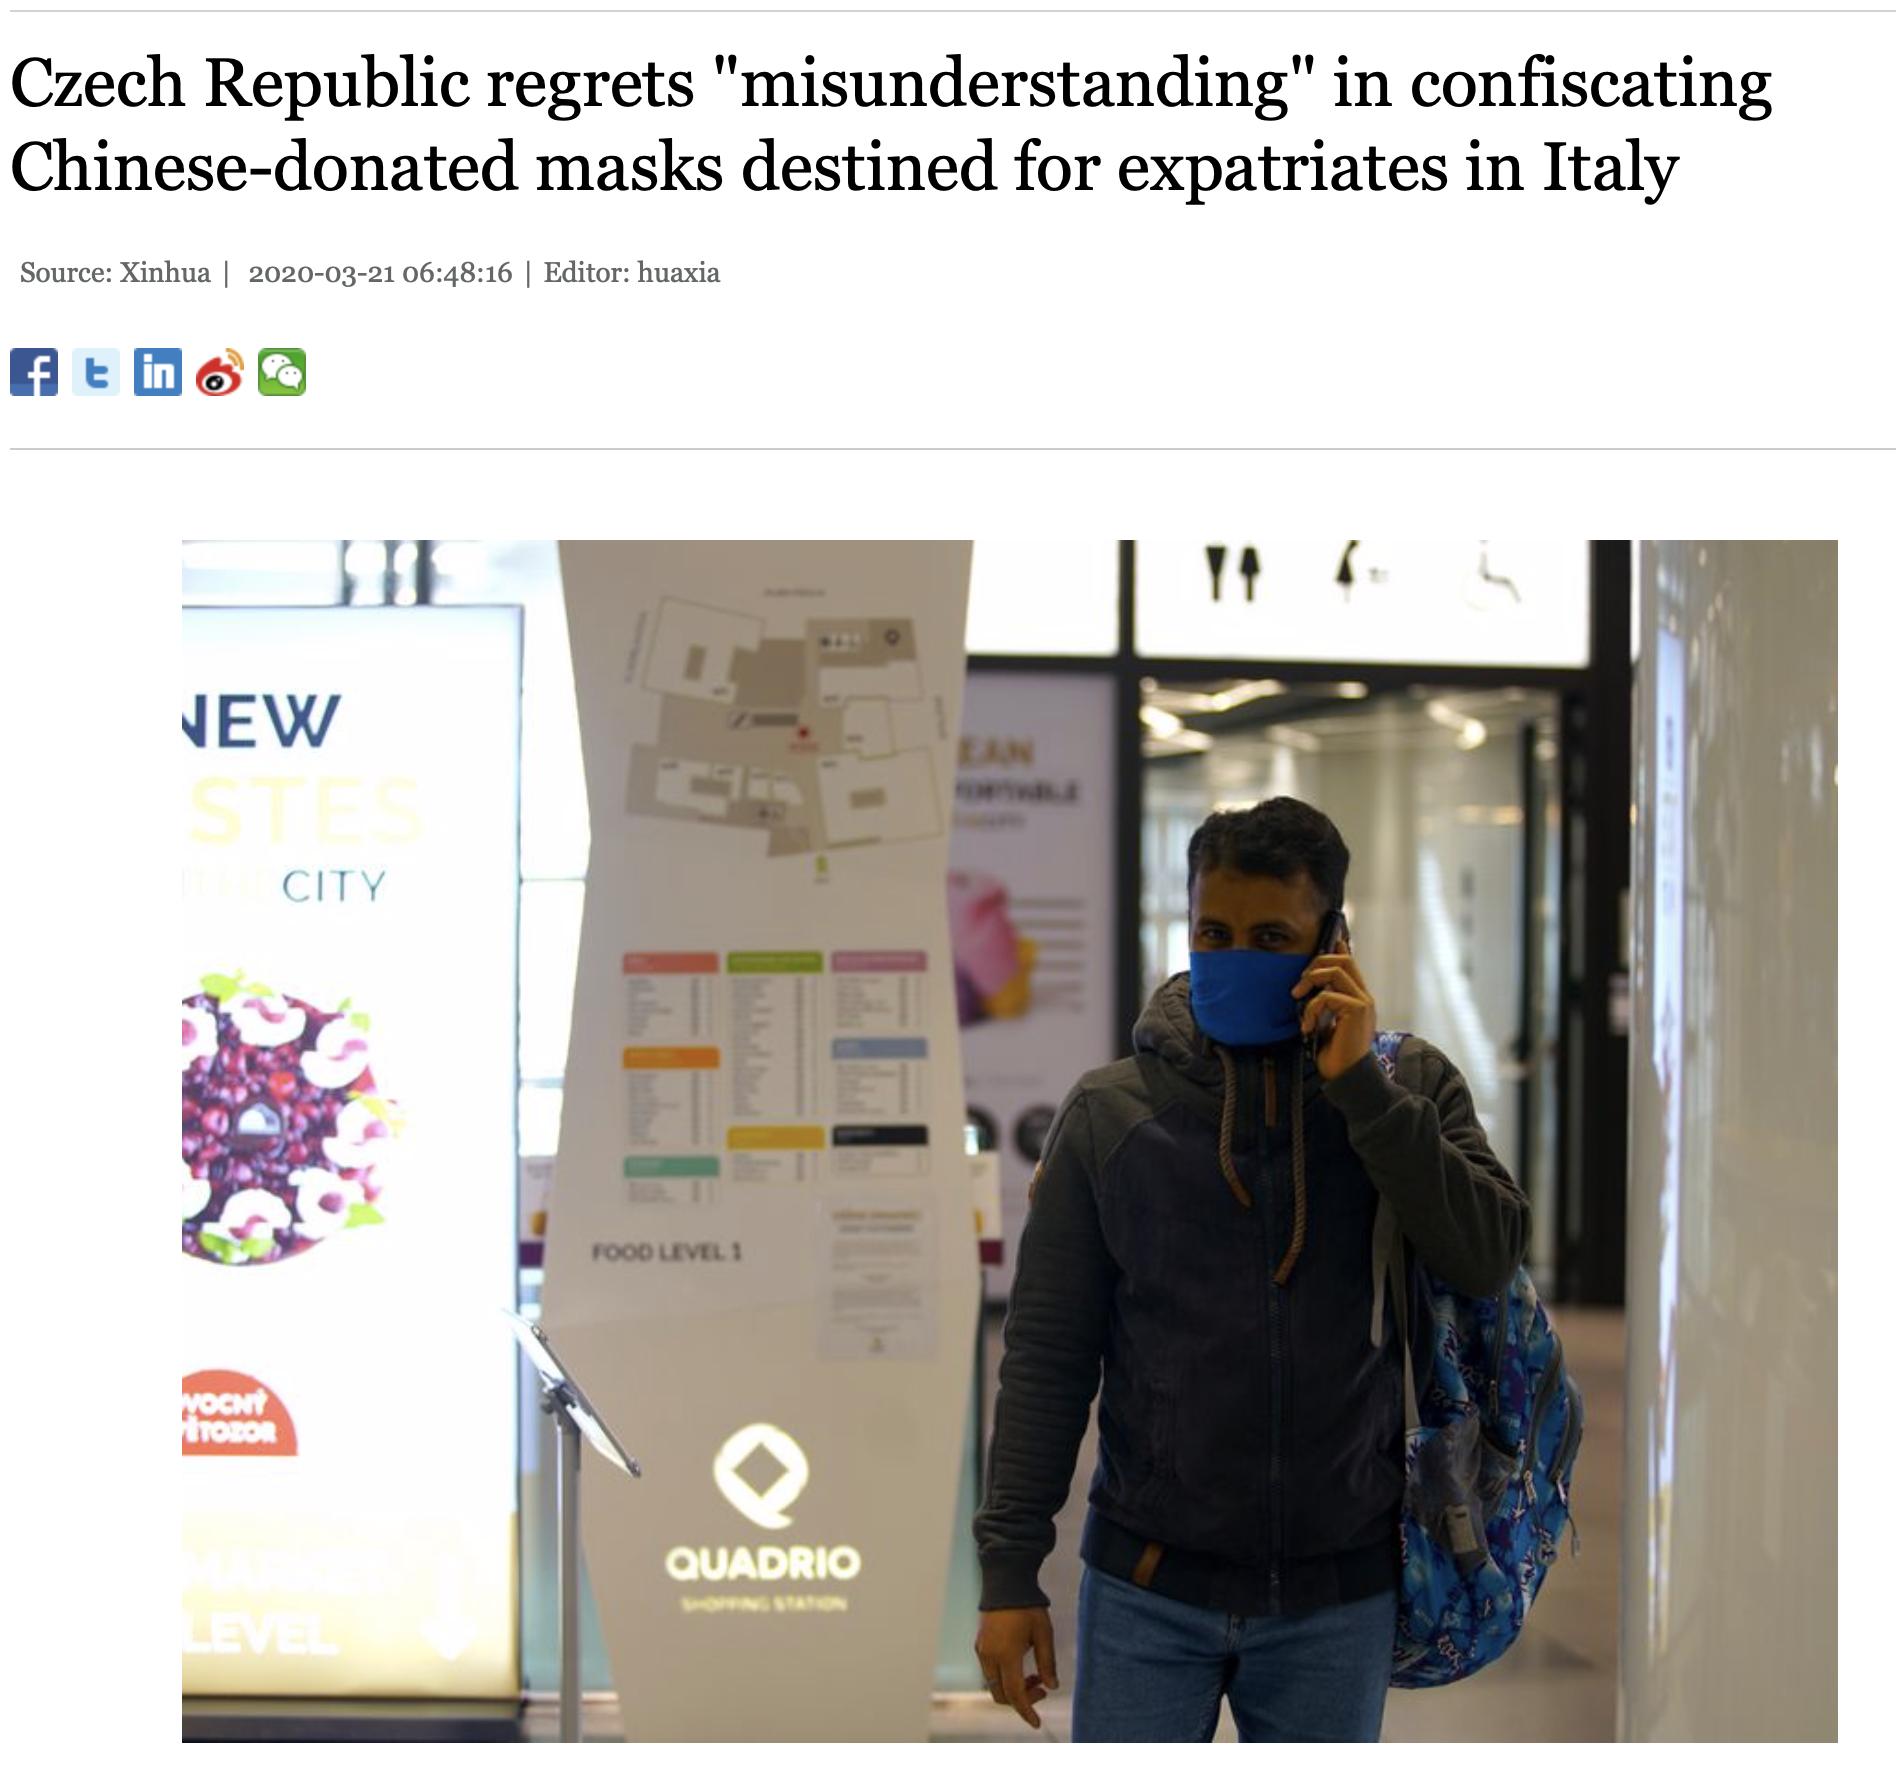 Чехия сожалеет, что украла гуманитарный груз Китая для Италии.